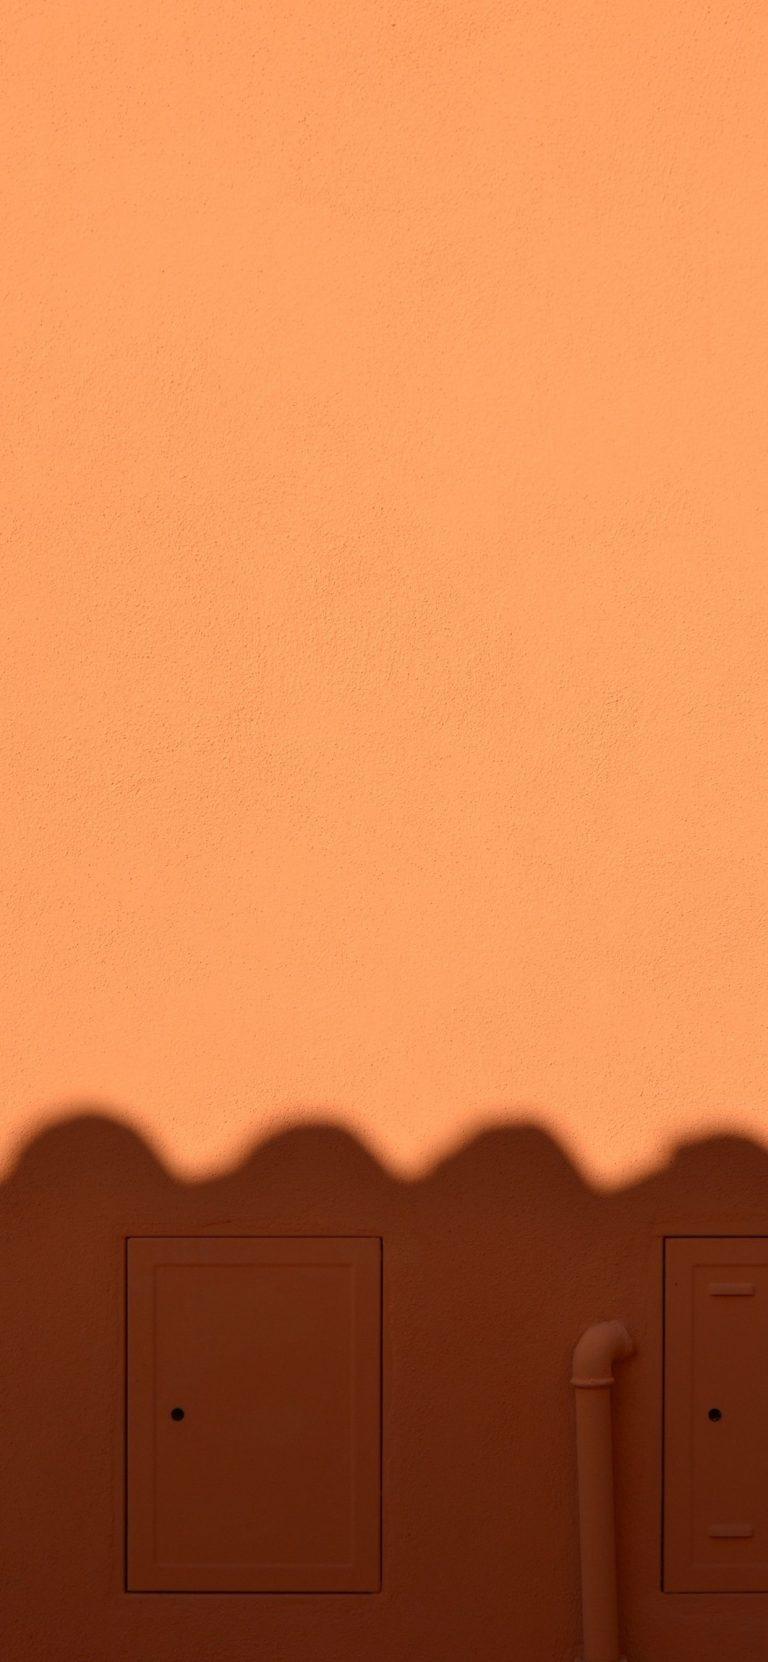 1242x2688 Wallpaper 403 768x1662